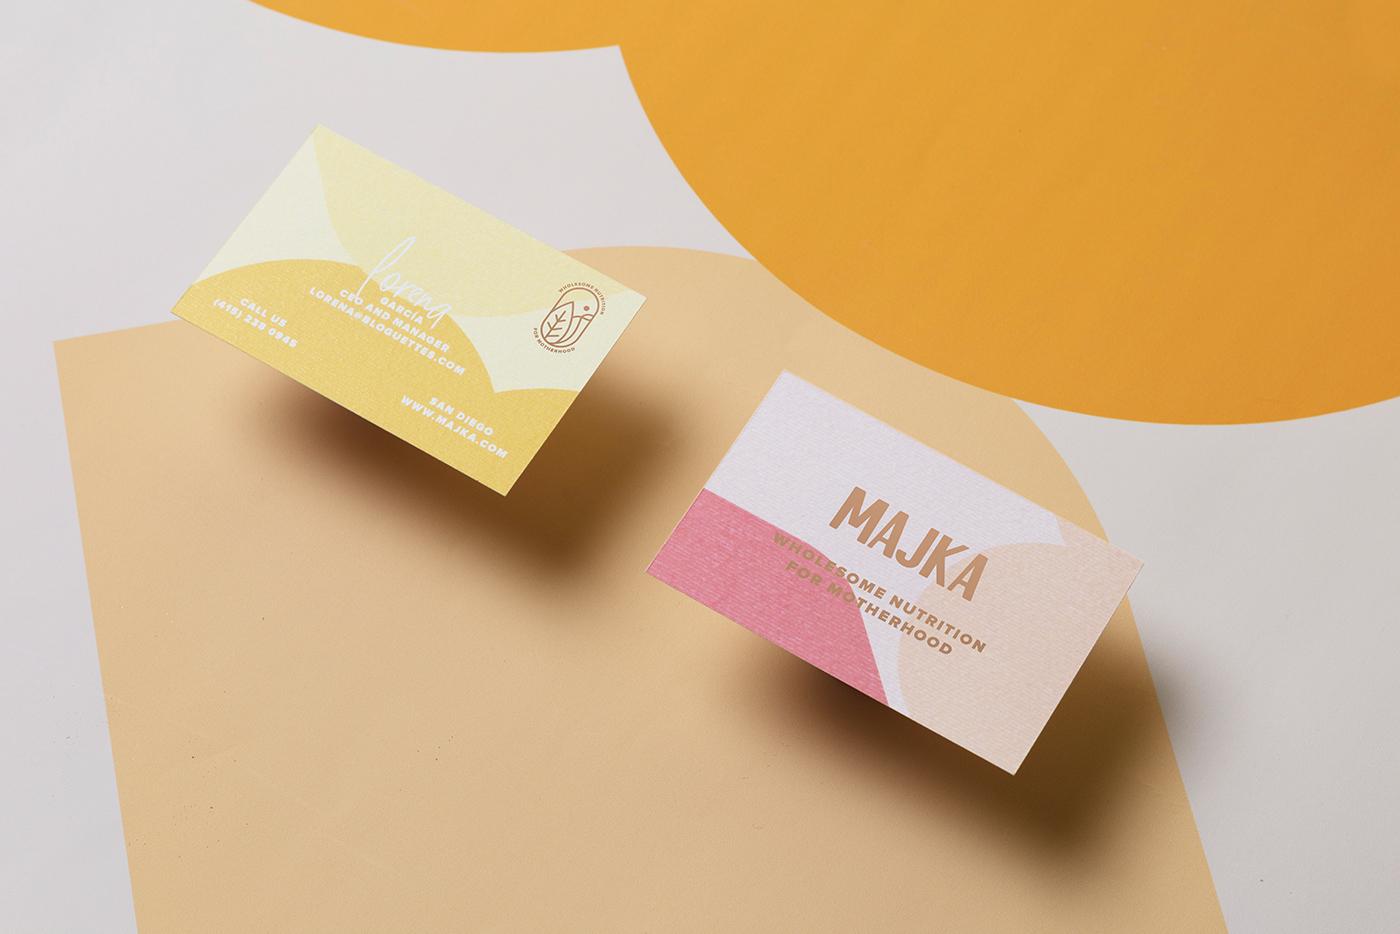 Majka 产品包装设计 欣赏-第12张